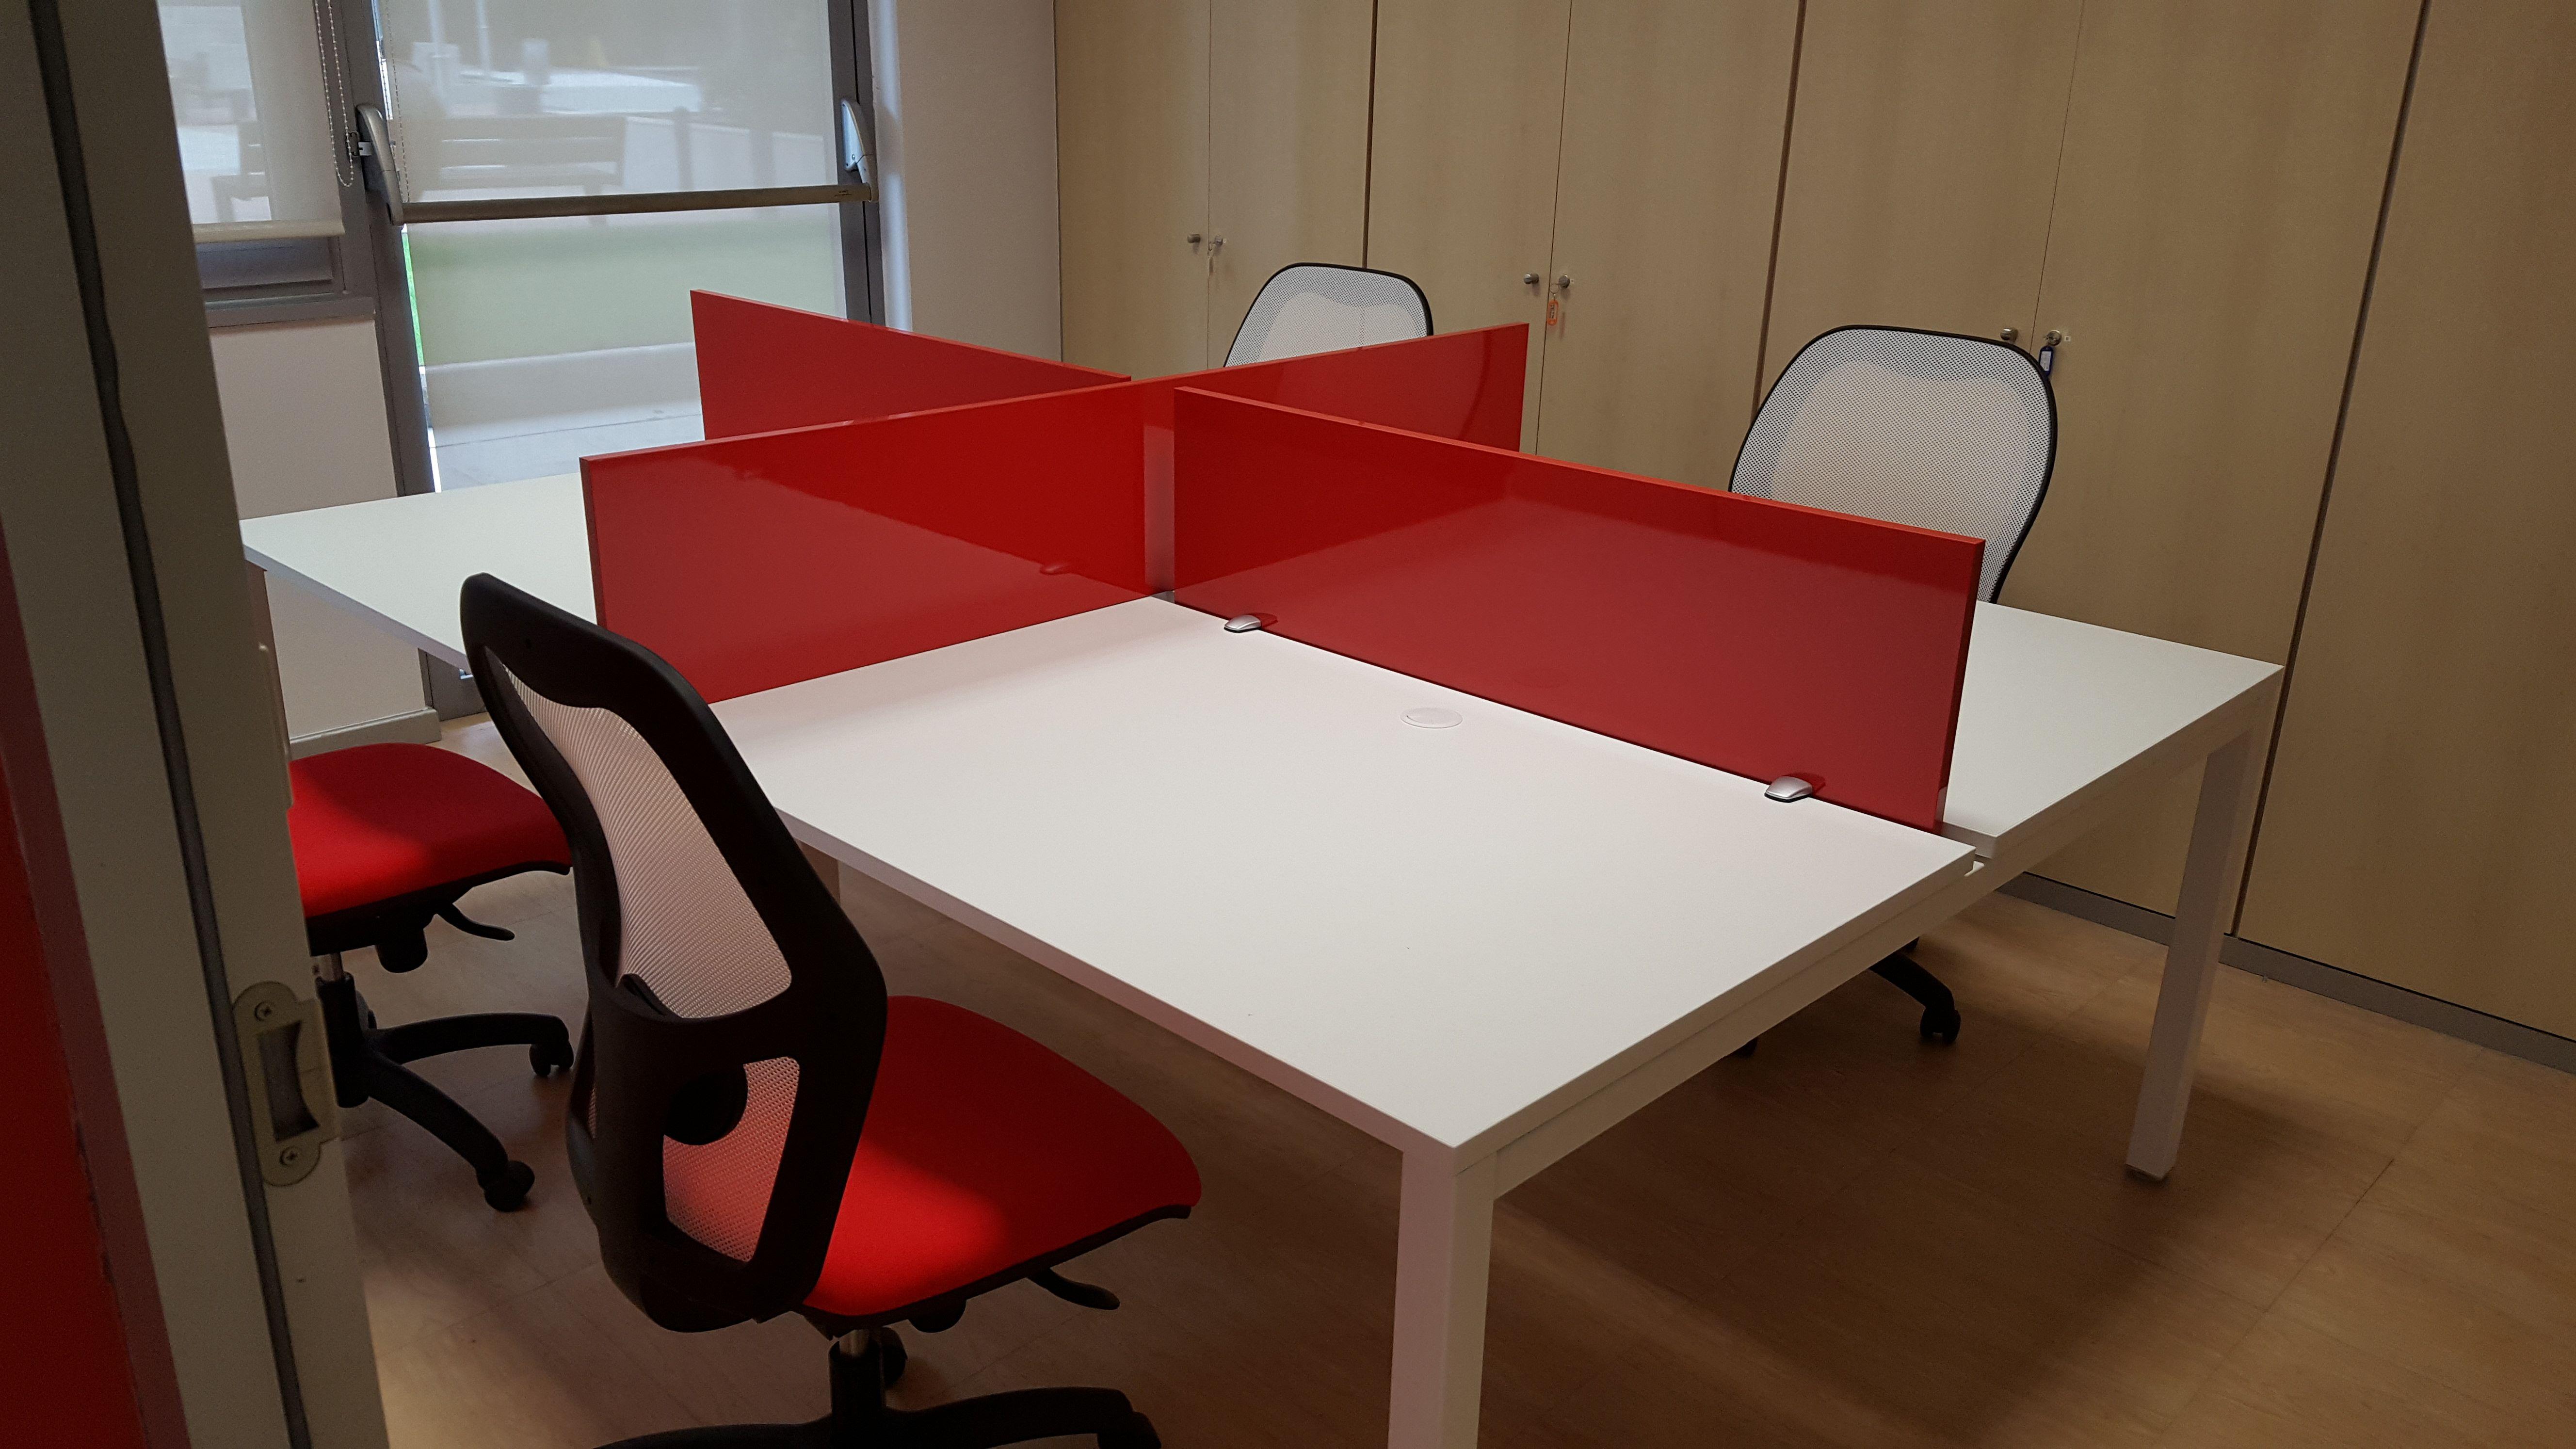 Venta de muebles para oficinas, centros de enseñanza o de hostelería...